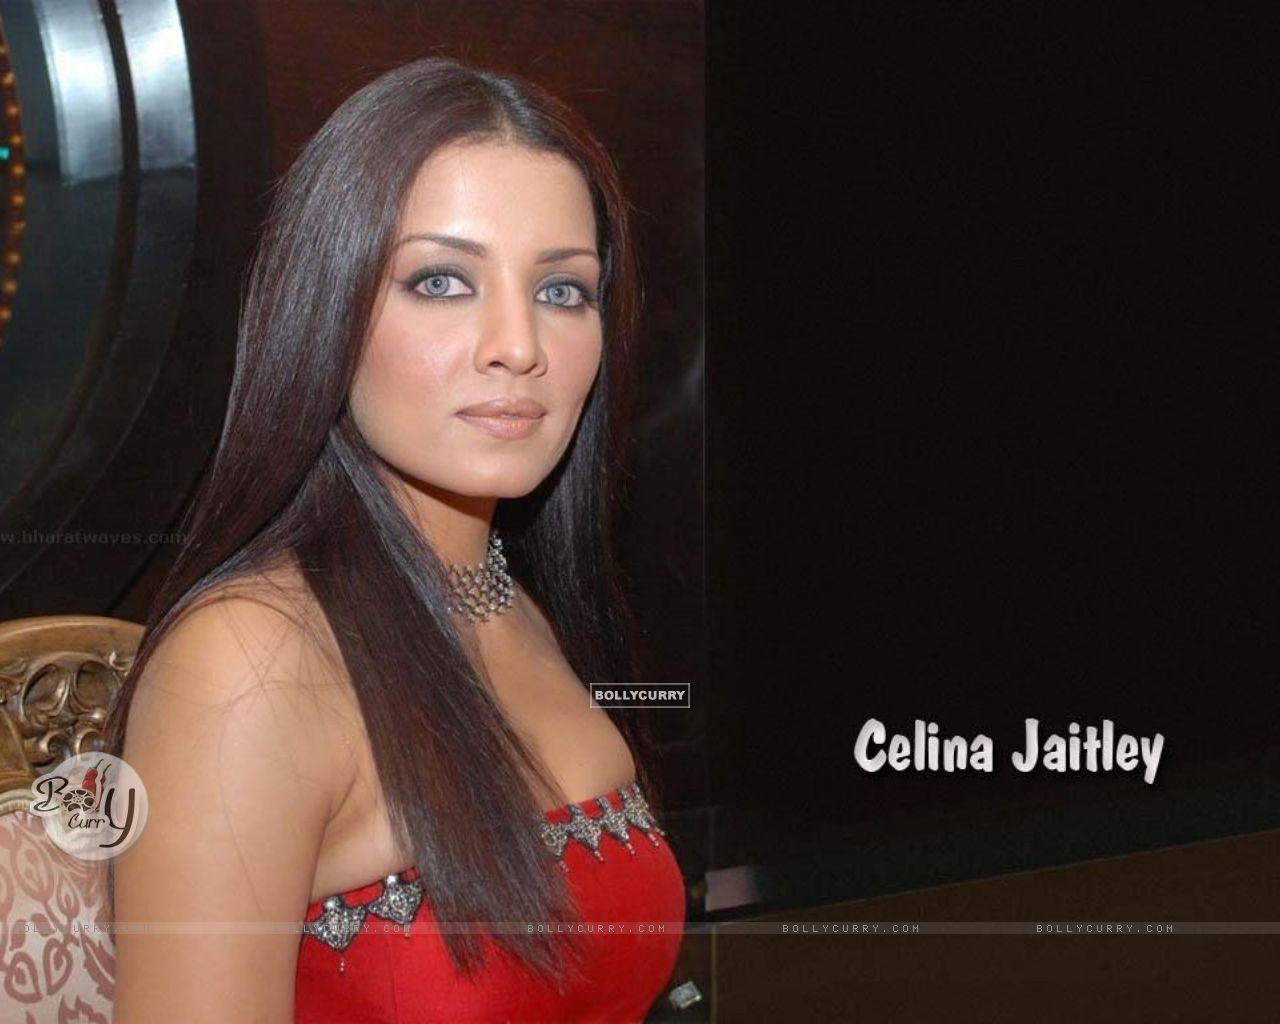 Celina Jaitley Voyeur Pics